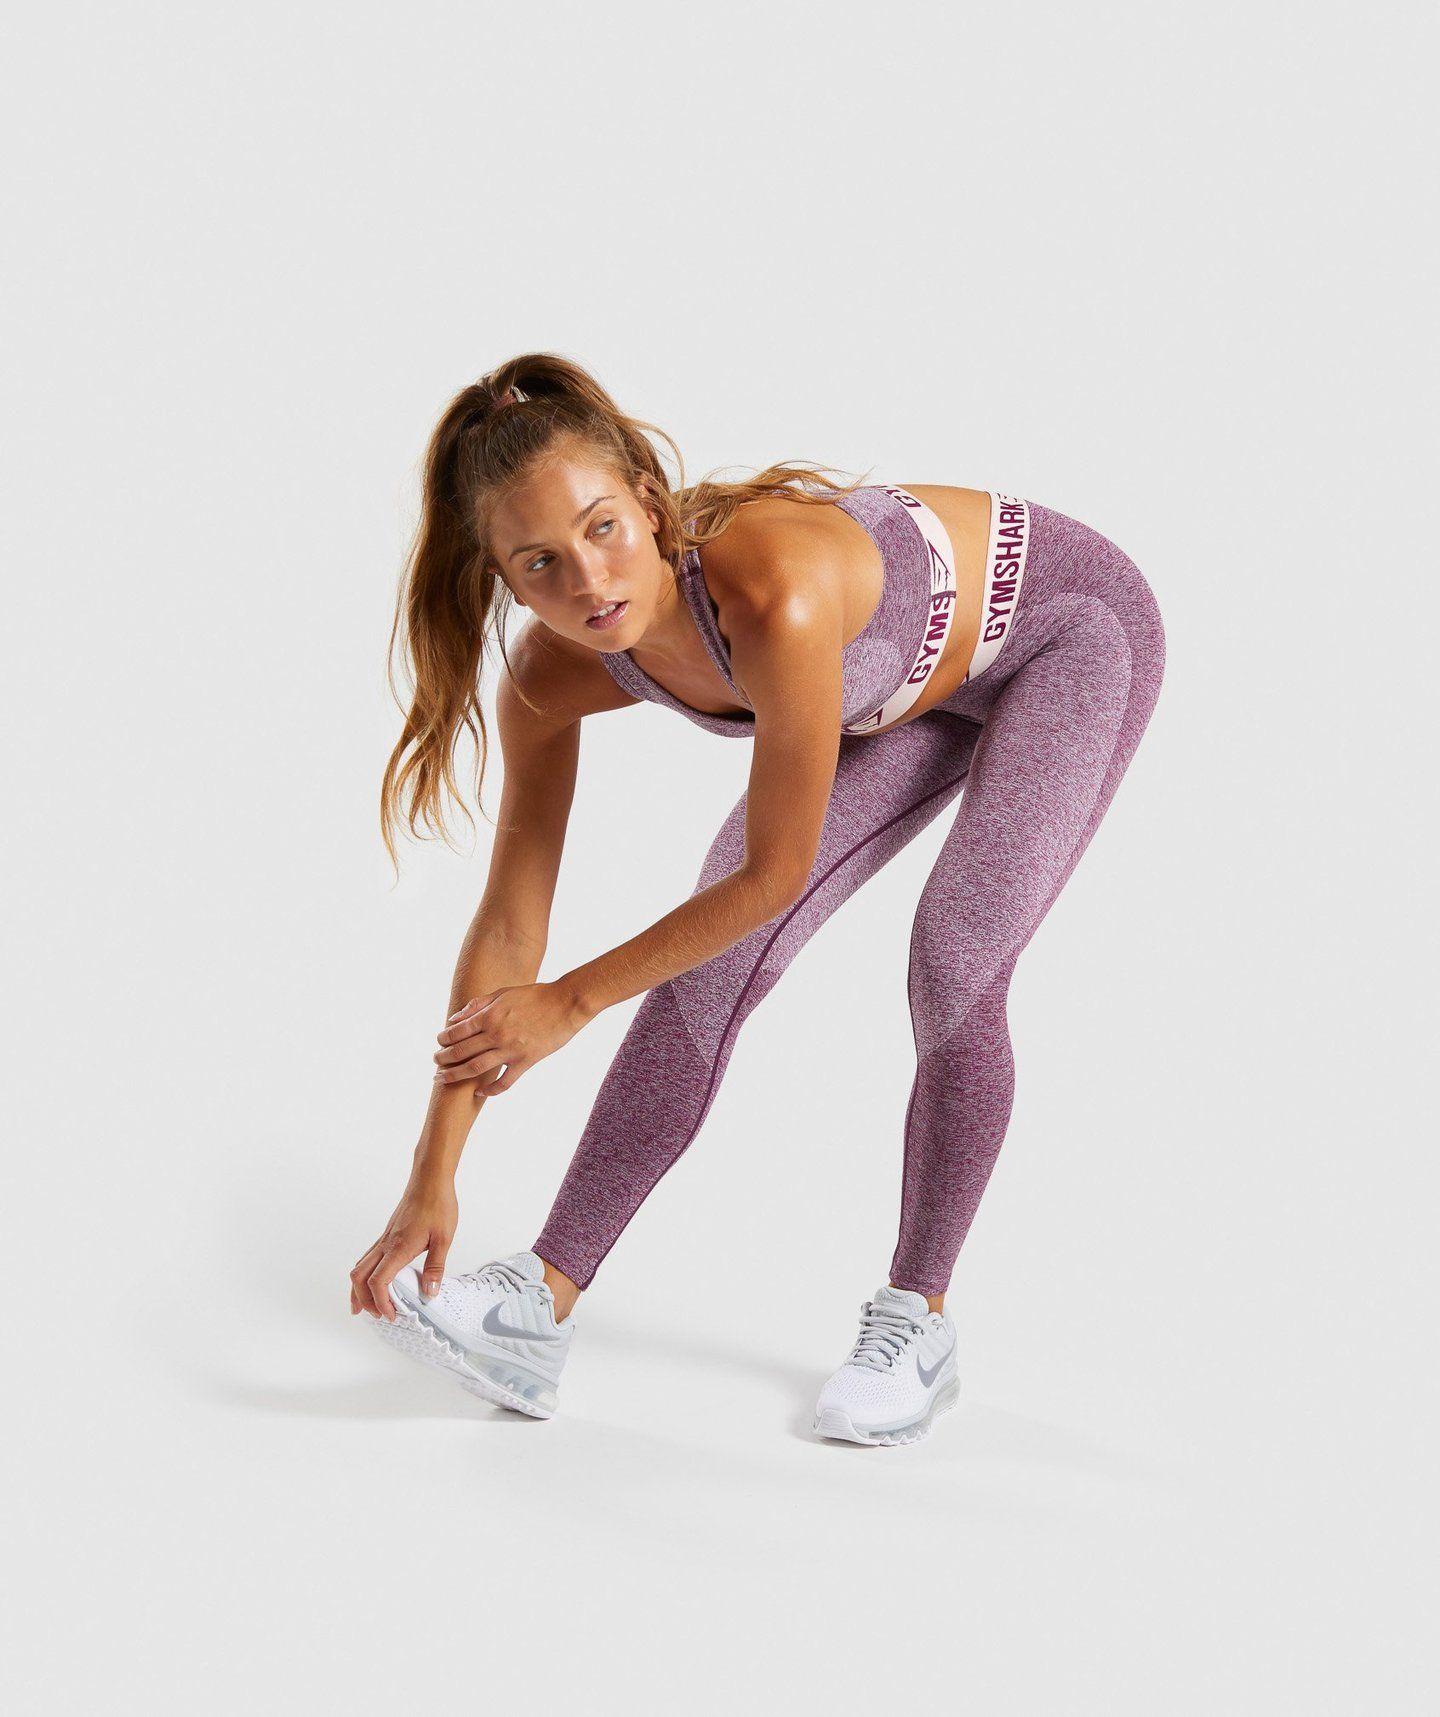 b10538466c5c6 Gymshark Flex Leggings - Dark Ruby Marl/Blush Nude | gym | Flex ...